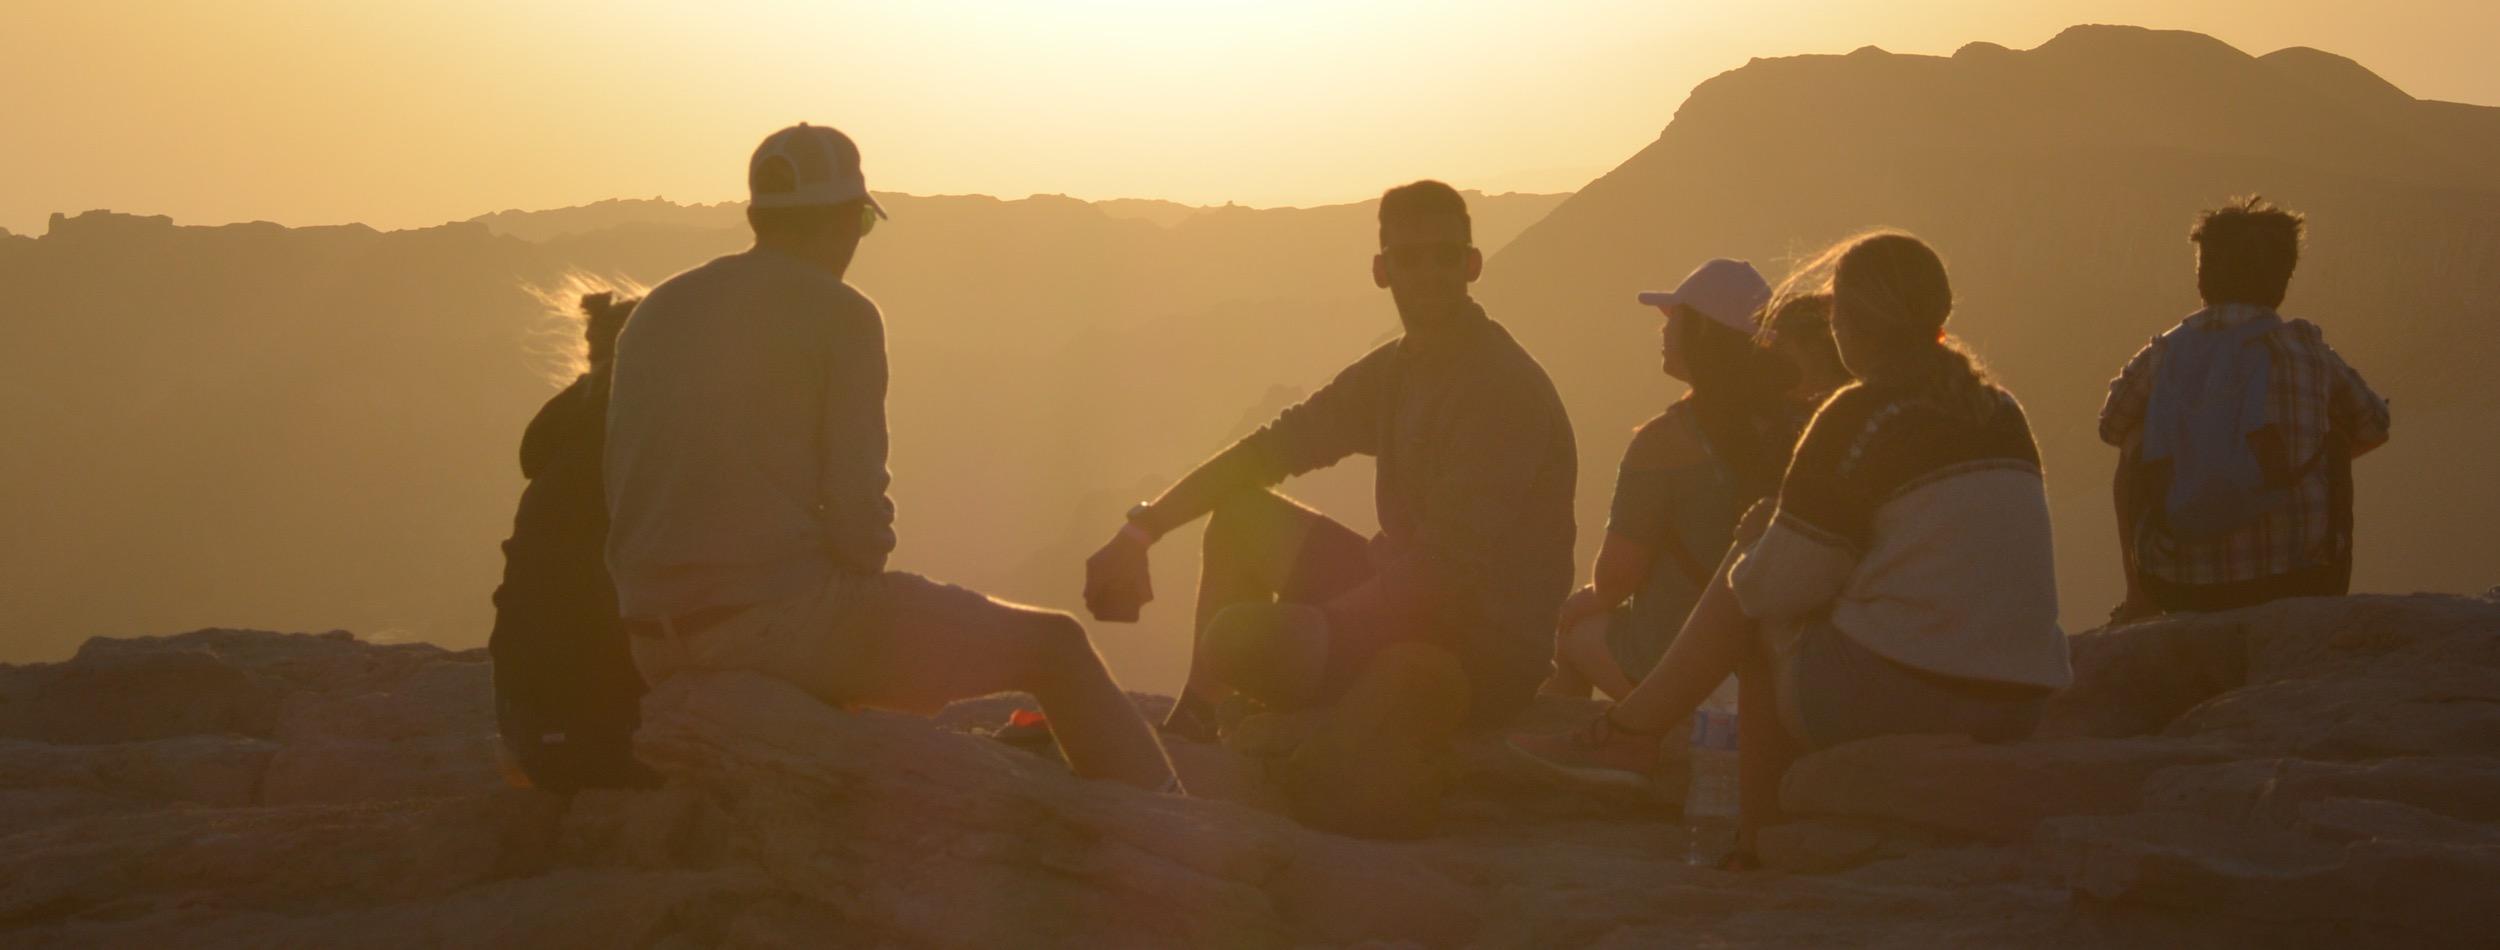 Gruppo di persone al tramonto